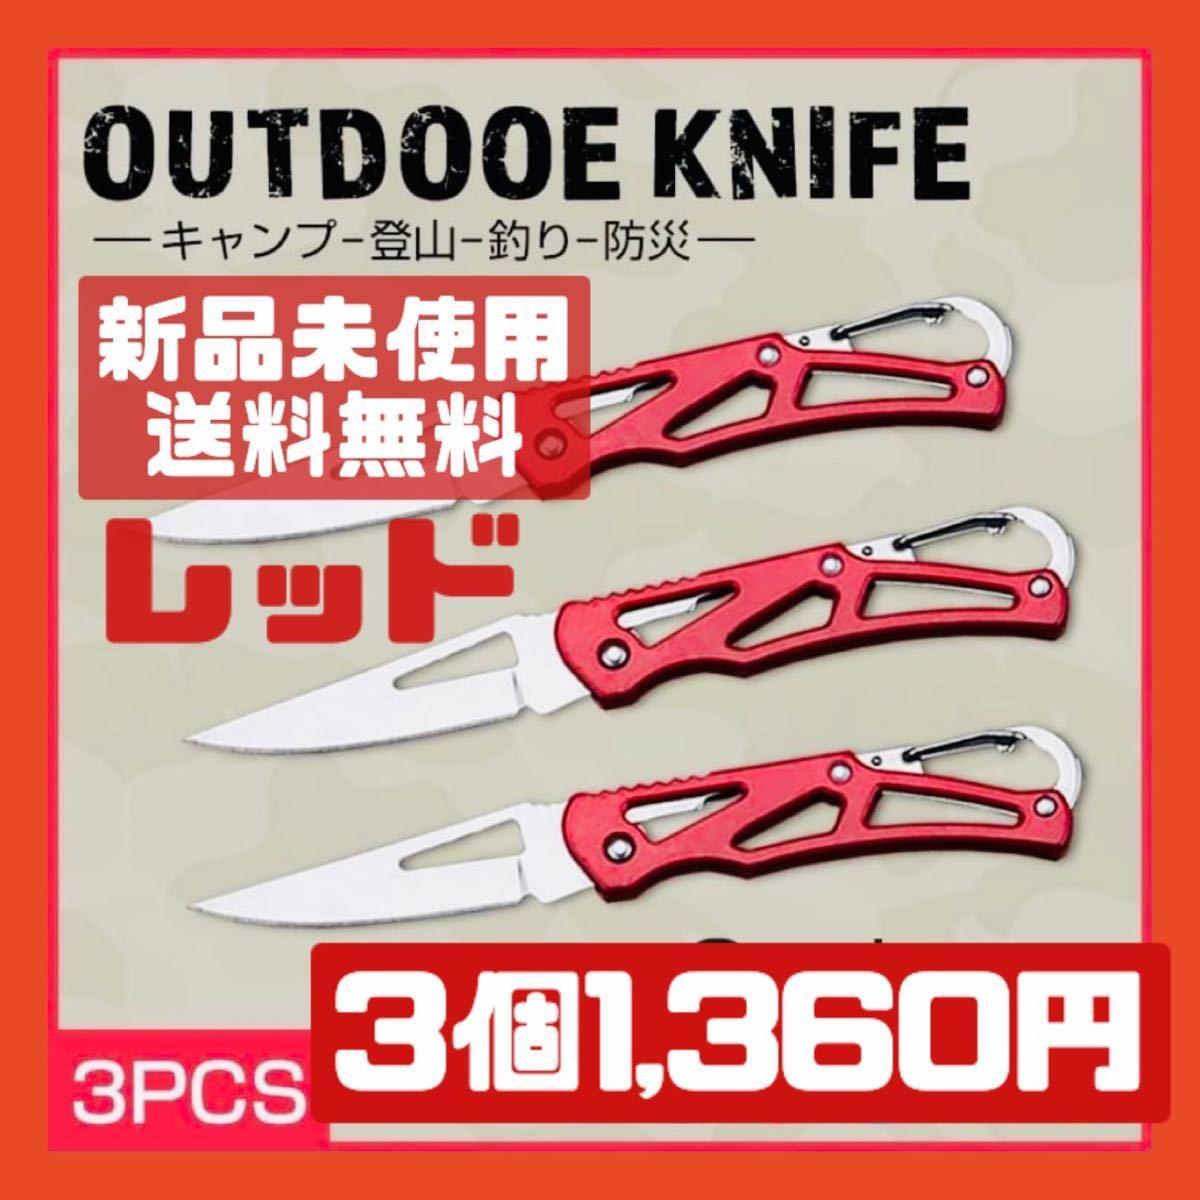 カラビナ 折りたたみ ナイフ 赤色 釣り キャンプ サバイバル フィッシング 3個